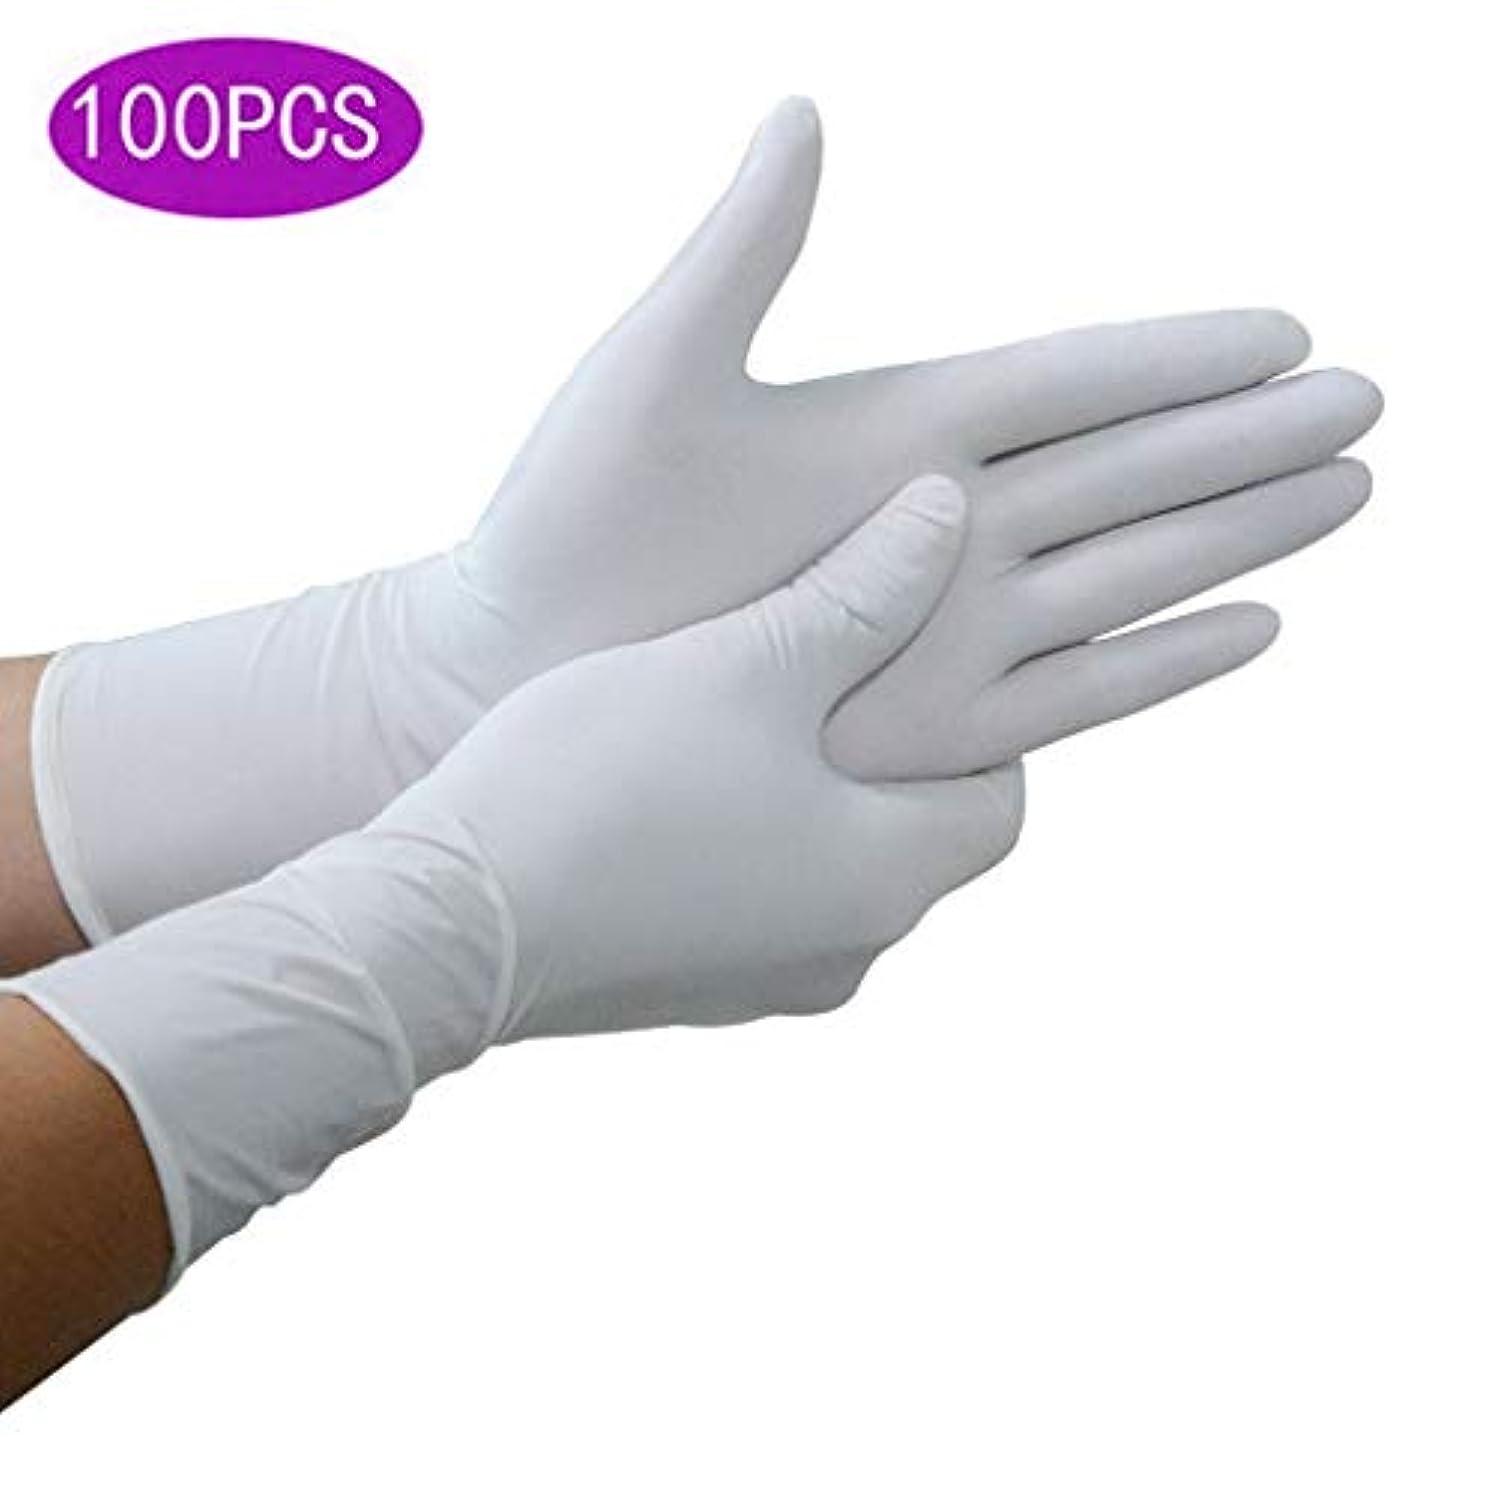 豊かな精神医学猟犬ニトリル手袋ホワイトラボ麻電子業界の酸とアルカリ保護operationsExperimentデューティ検査用手袋 病院のための専門の等級 (Size : S)